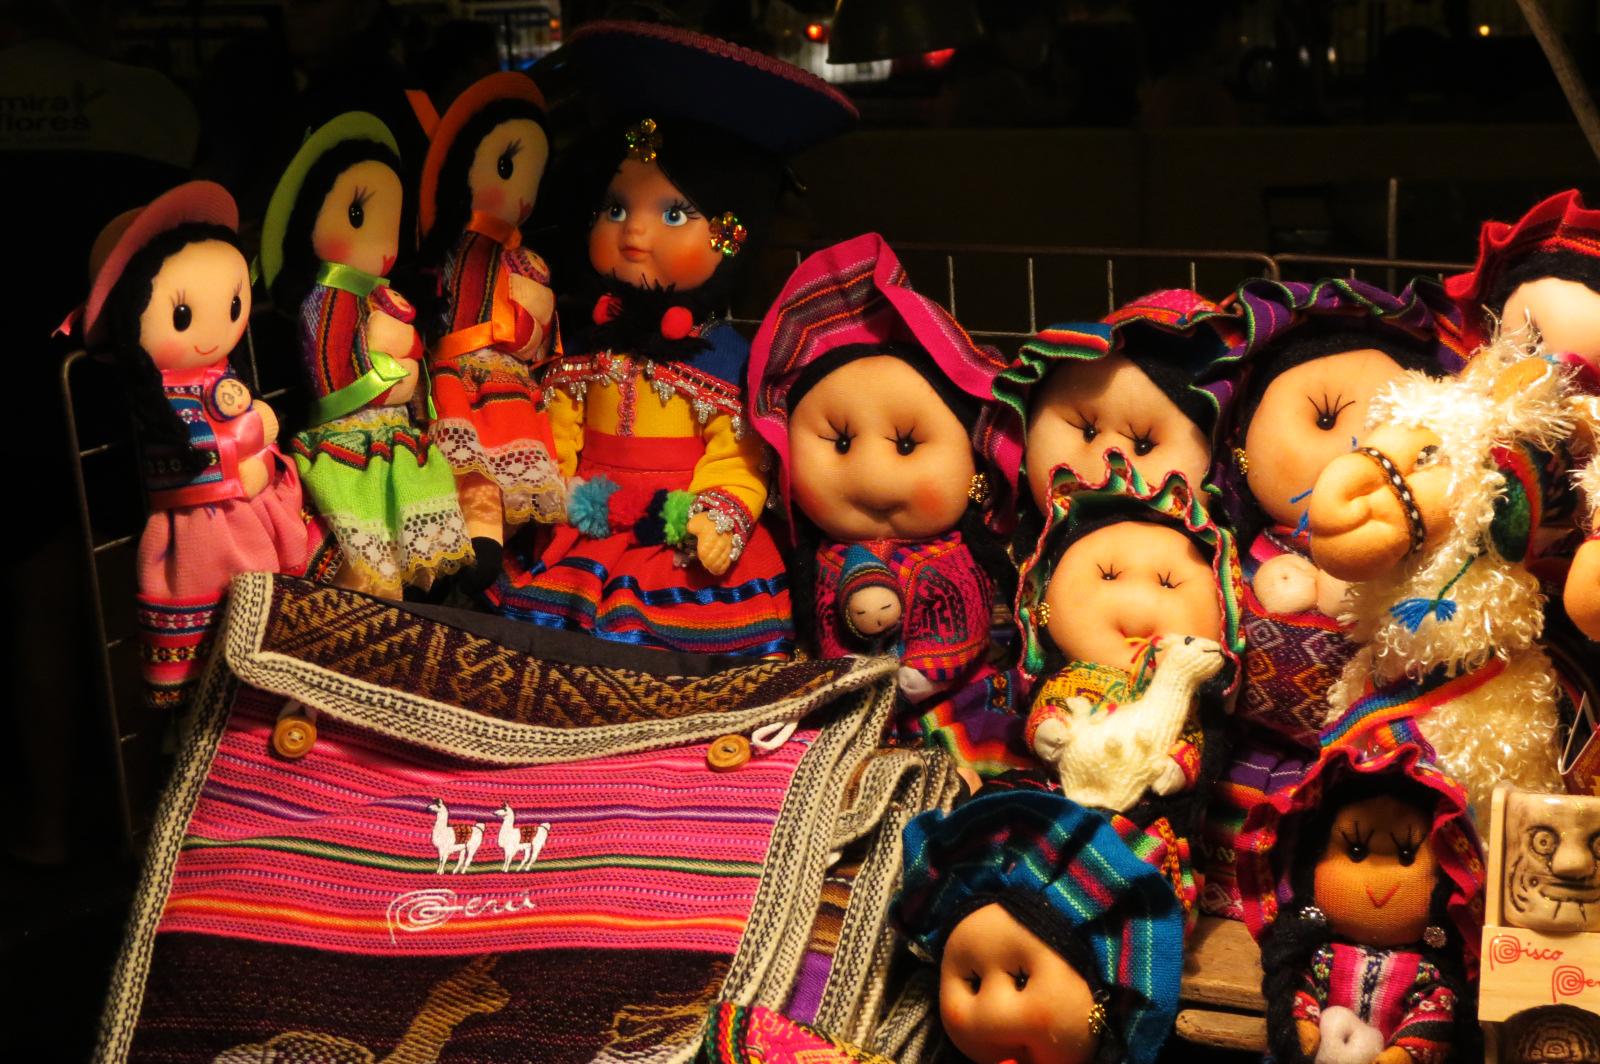 muñecas artesanales del peru